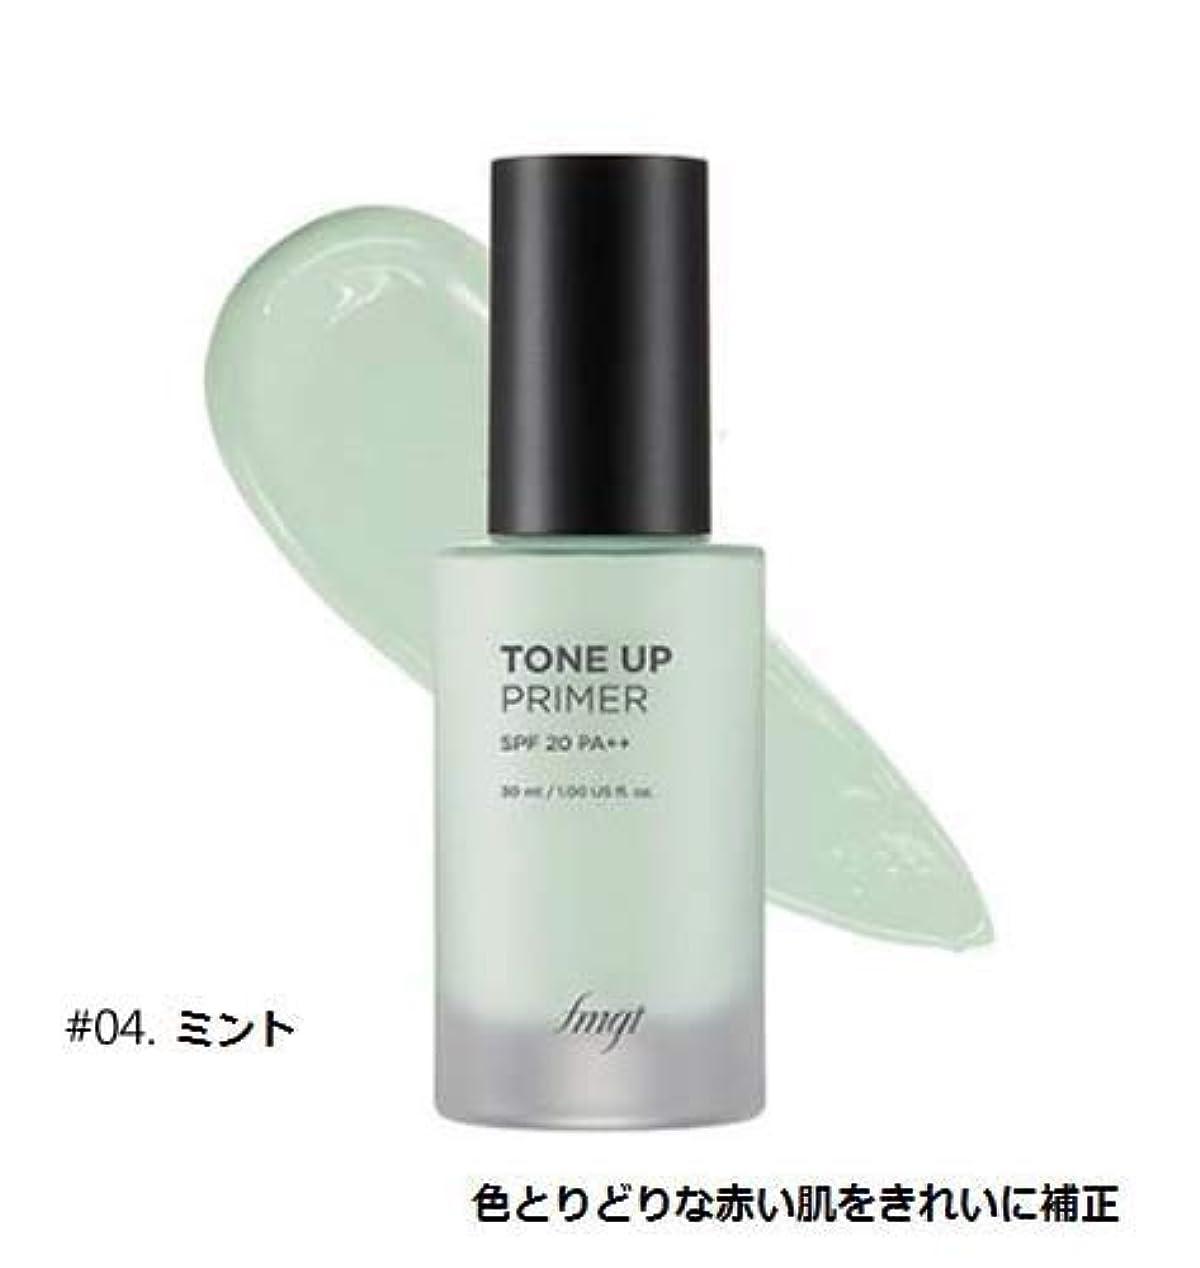 に関して先見の明タイムリーな[ザ?フェイスショップ] THE FACE SHOP [トンオプ プライマー 30ml] (Tone Up Primer SPF20 PA++ 30ml) [海外直送品] (#04. ミント)